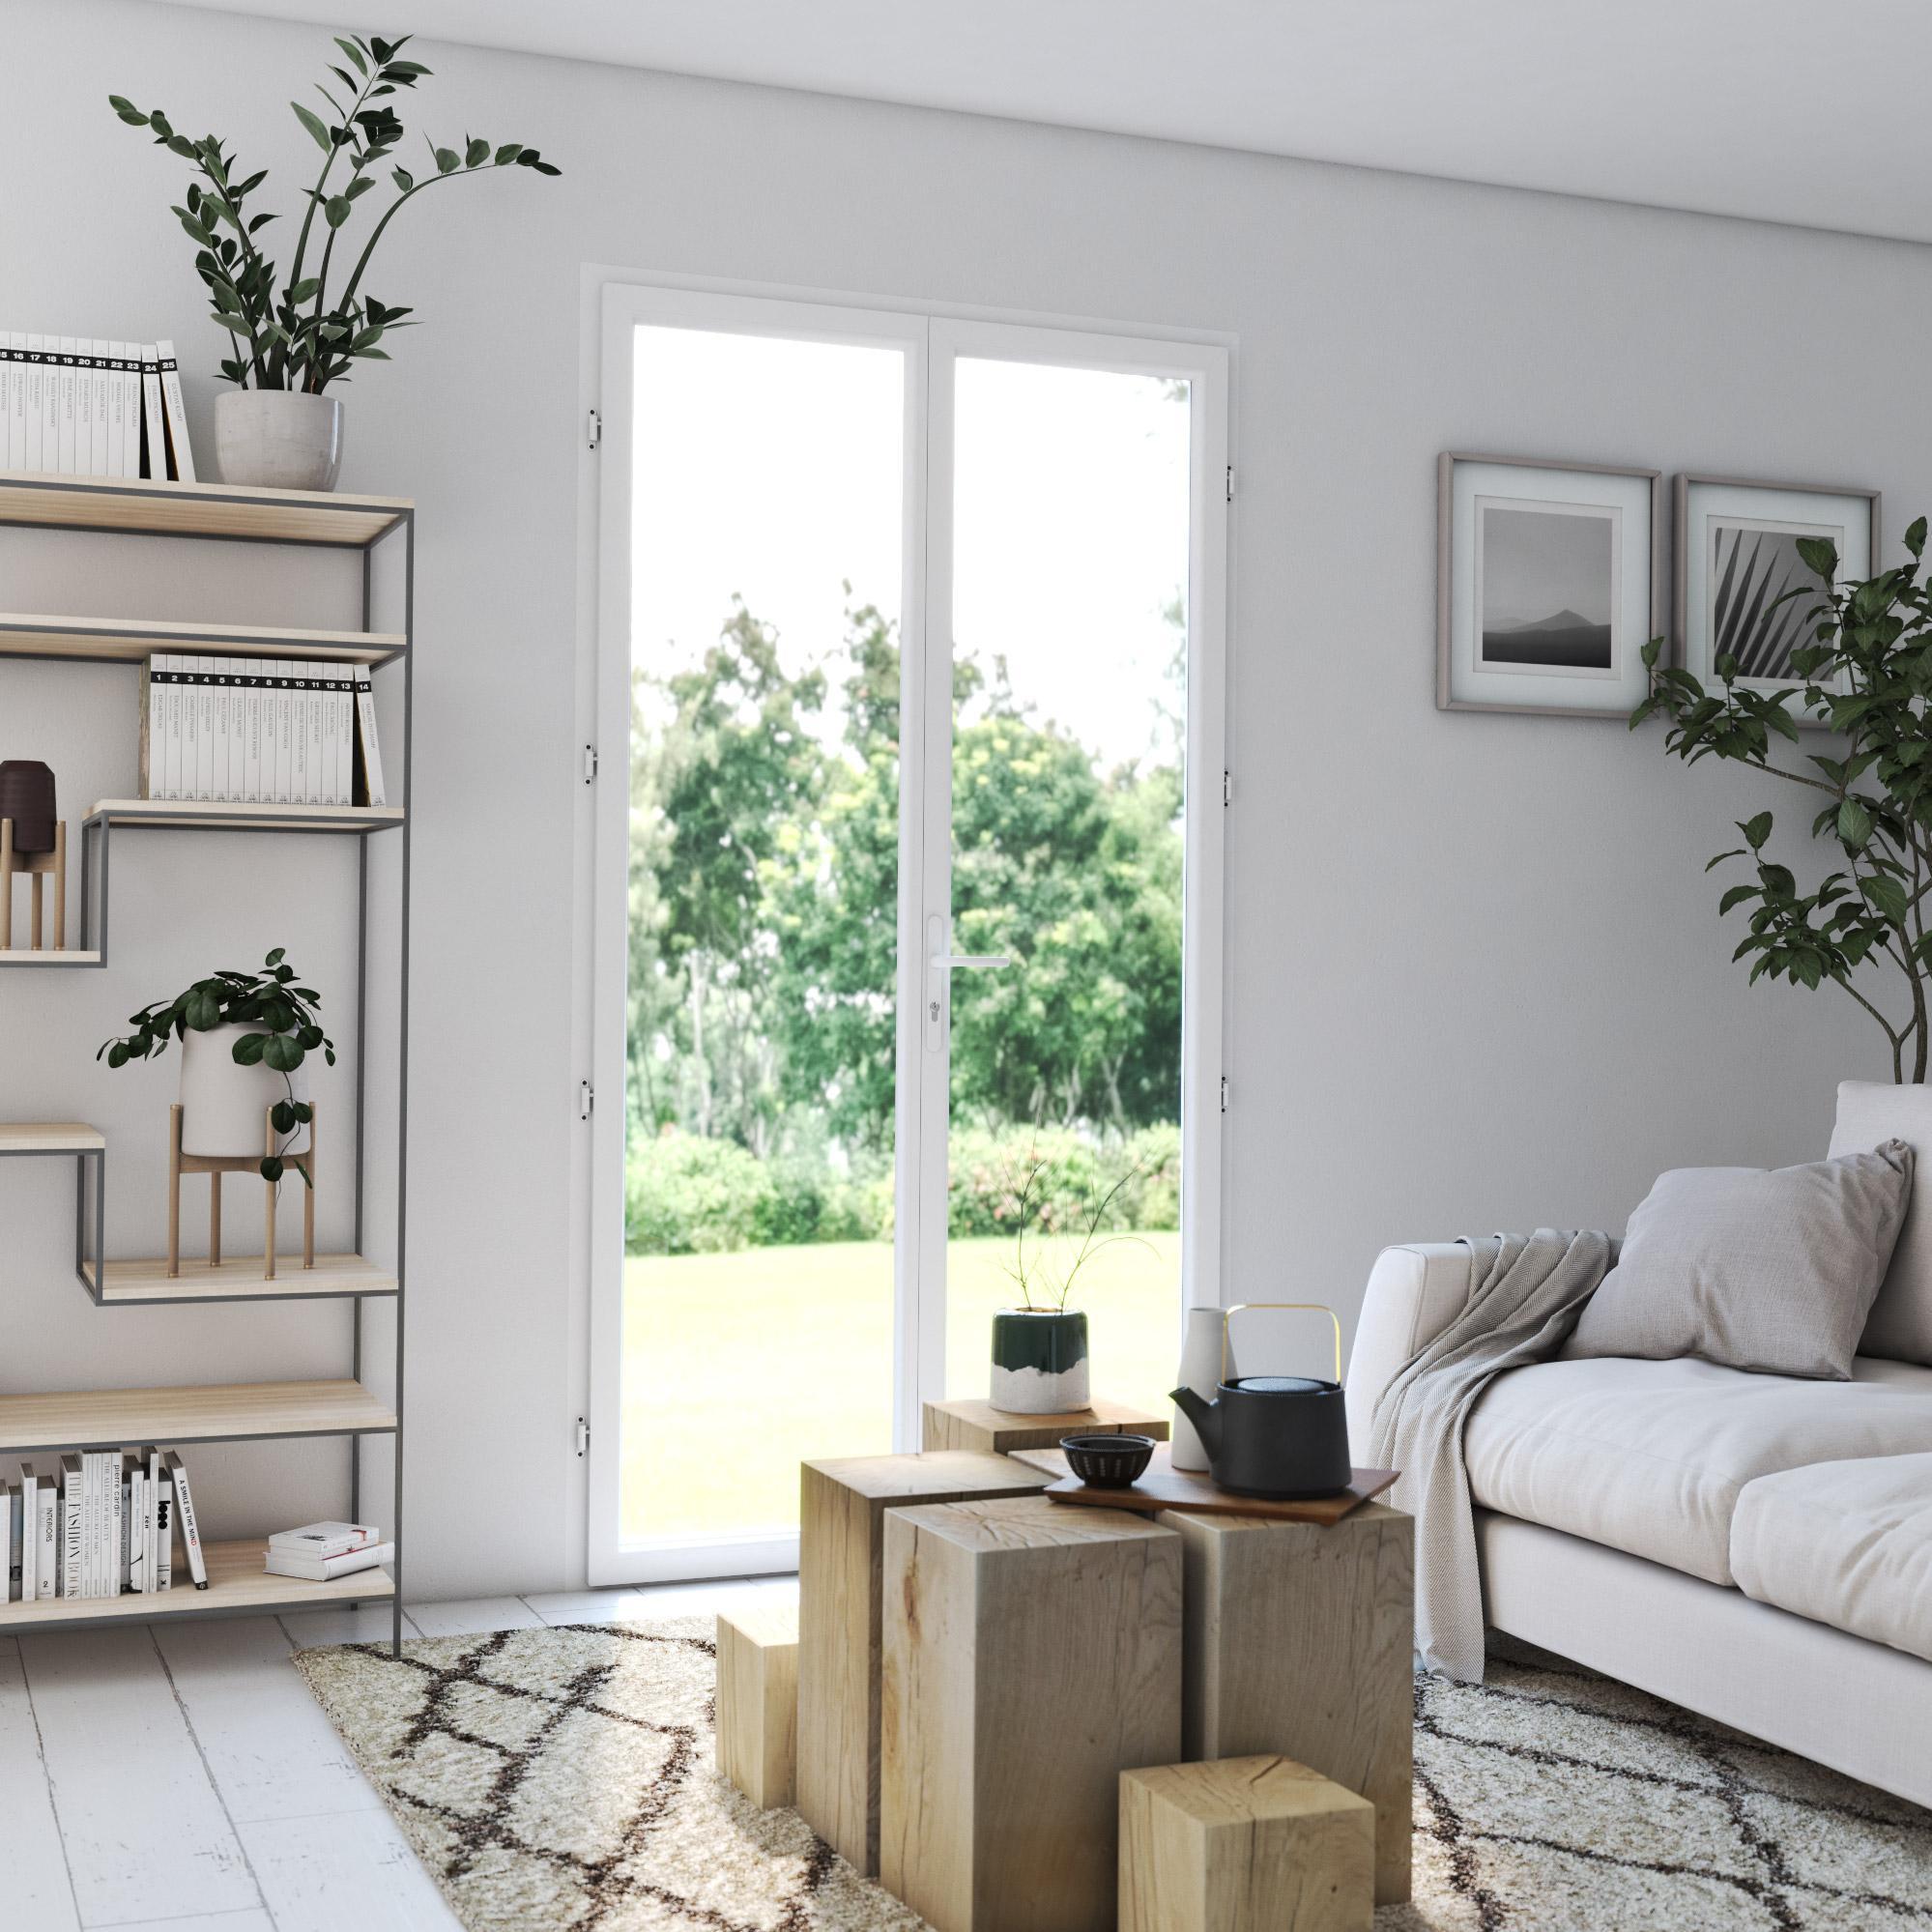 Porte-fenêtre PVC H.215 x l.100 cm, blanc / blanc, 2 vantaux tirant droit